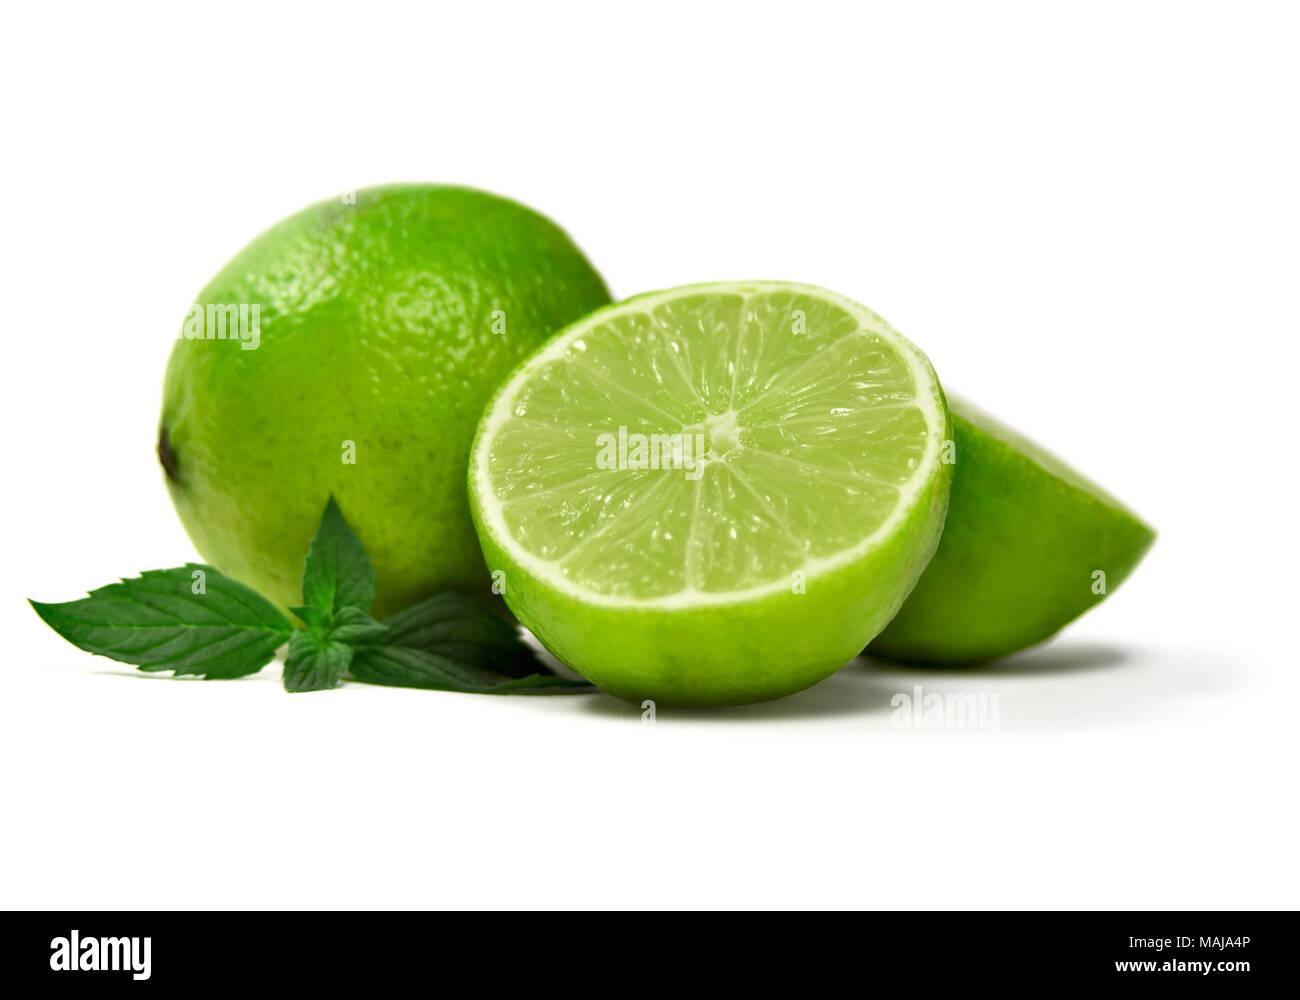 Limette fresche, isolato su sfondo bianco. Sezione trasversale e tutta la calce frutti con foglie di menta, agrumi sfondo. Immagini Stock